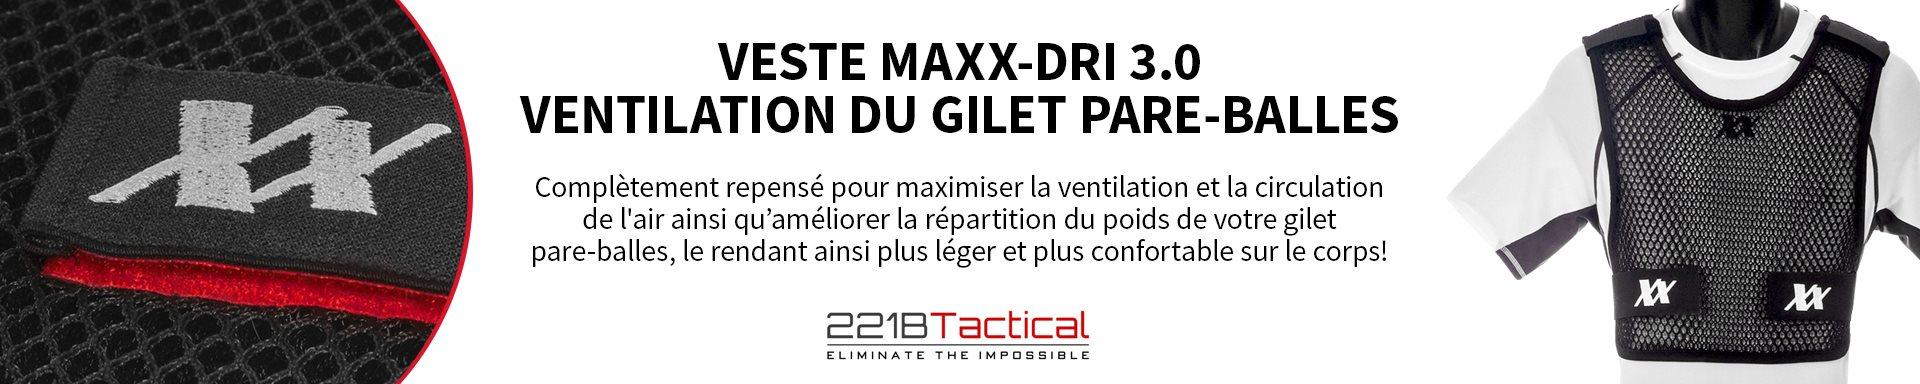 221B Tactical - Veste Maxx-Dri 3.0